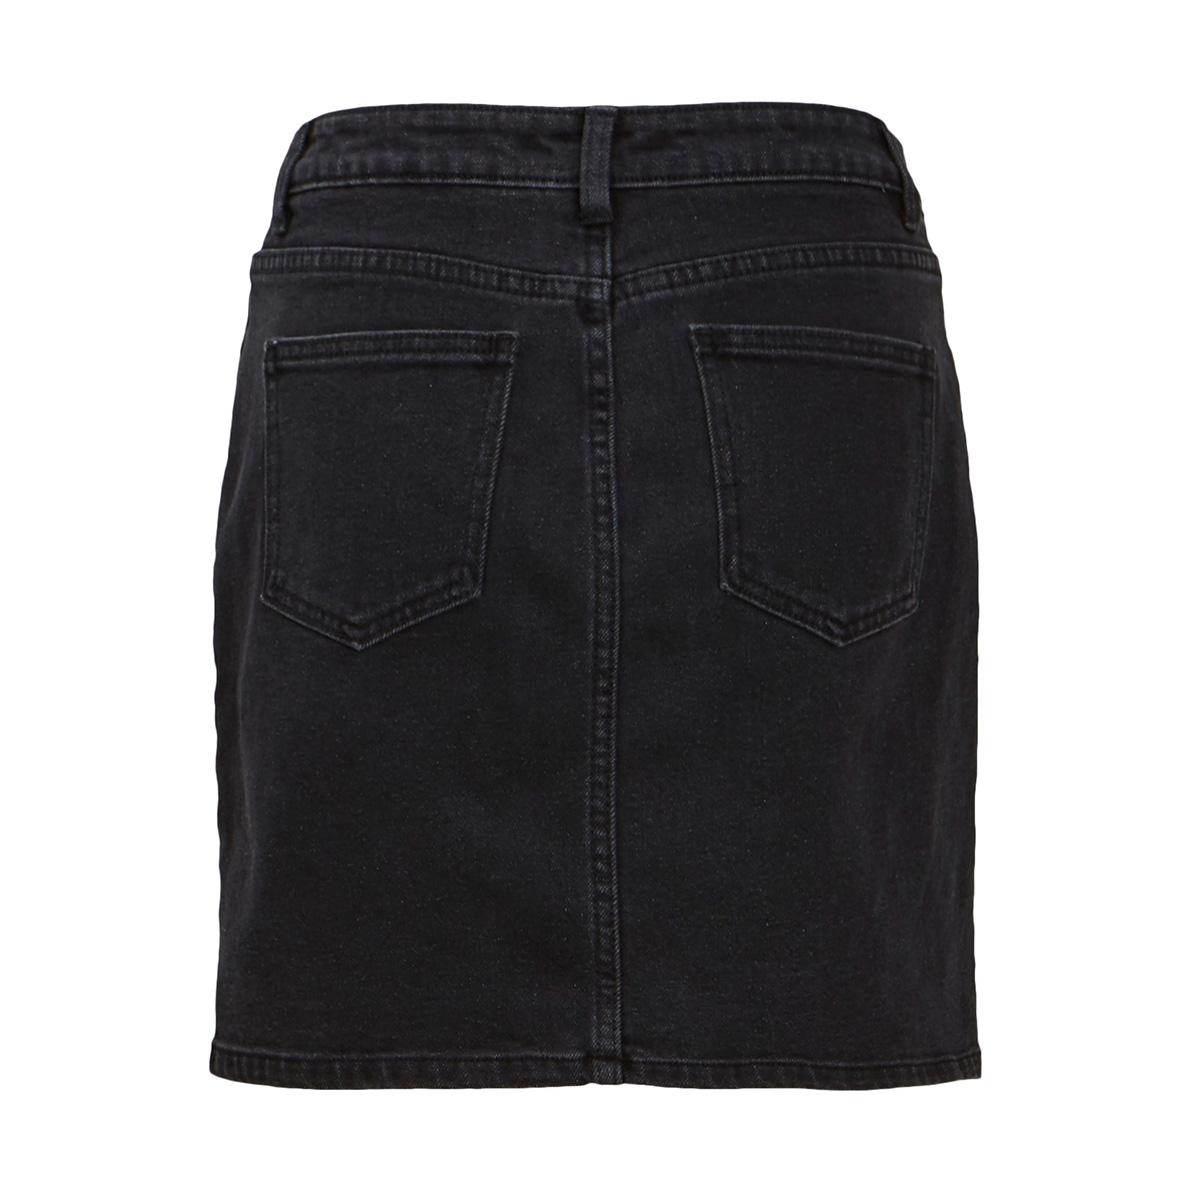 objgrace mw skirt 104 23030123 object rok black